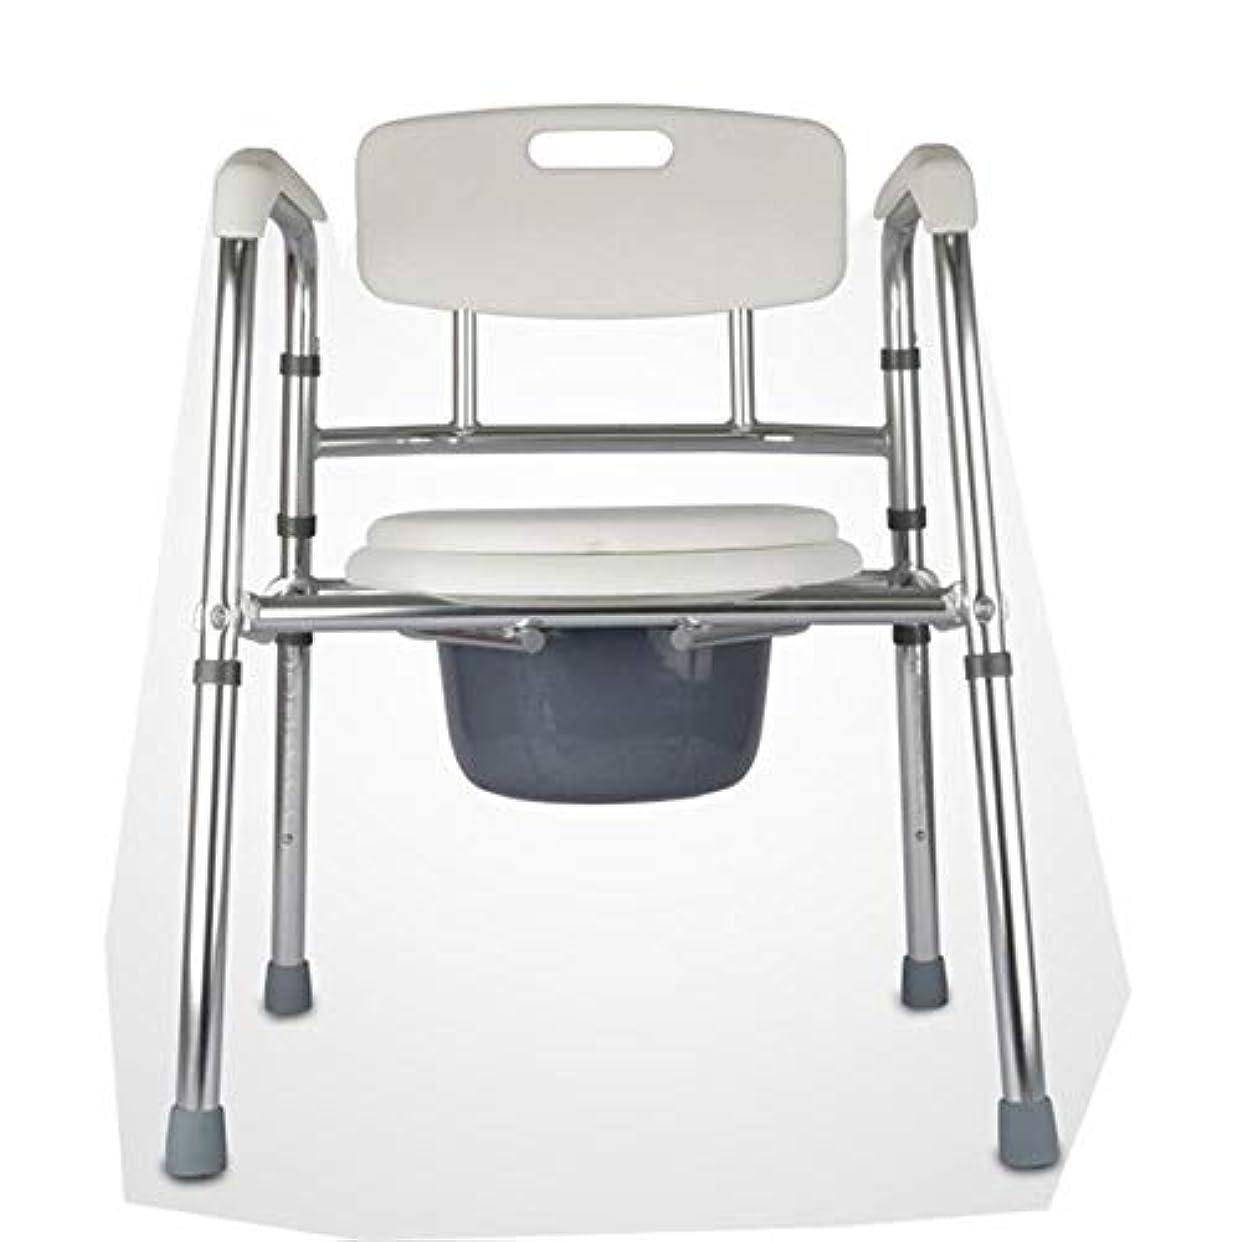 頑張るクローンとらえどころのない折りたたみ式mode椅子とトイレサラウンド、軽量、丈夫、シンプル、高齢者、障害者、祖父母向けのバスルームサポート